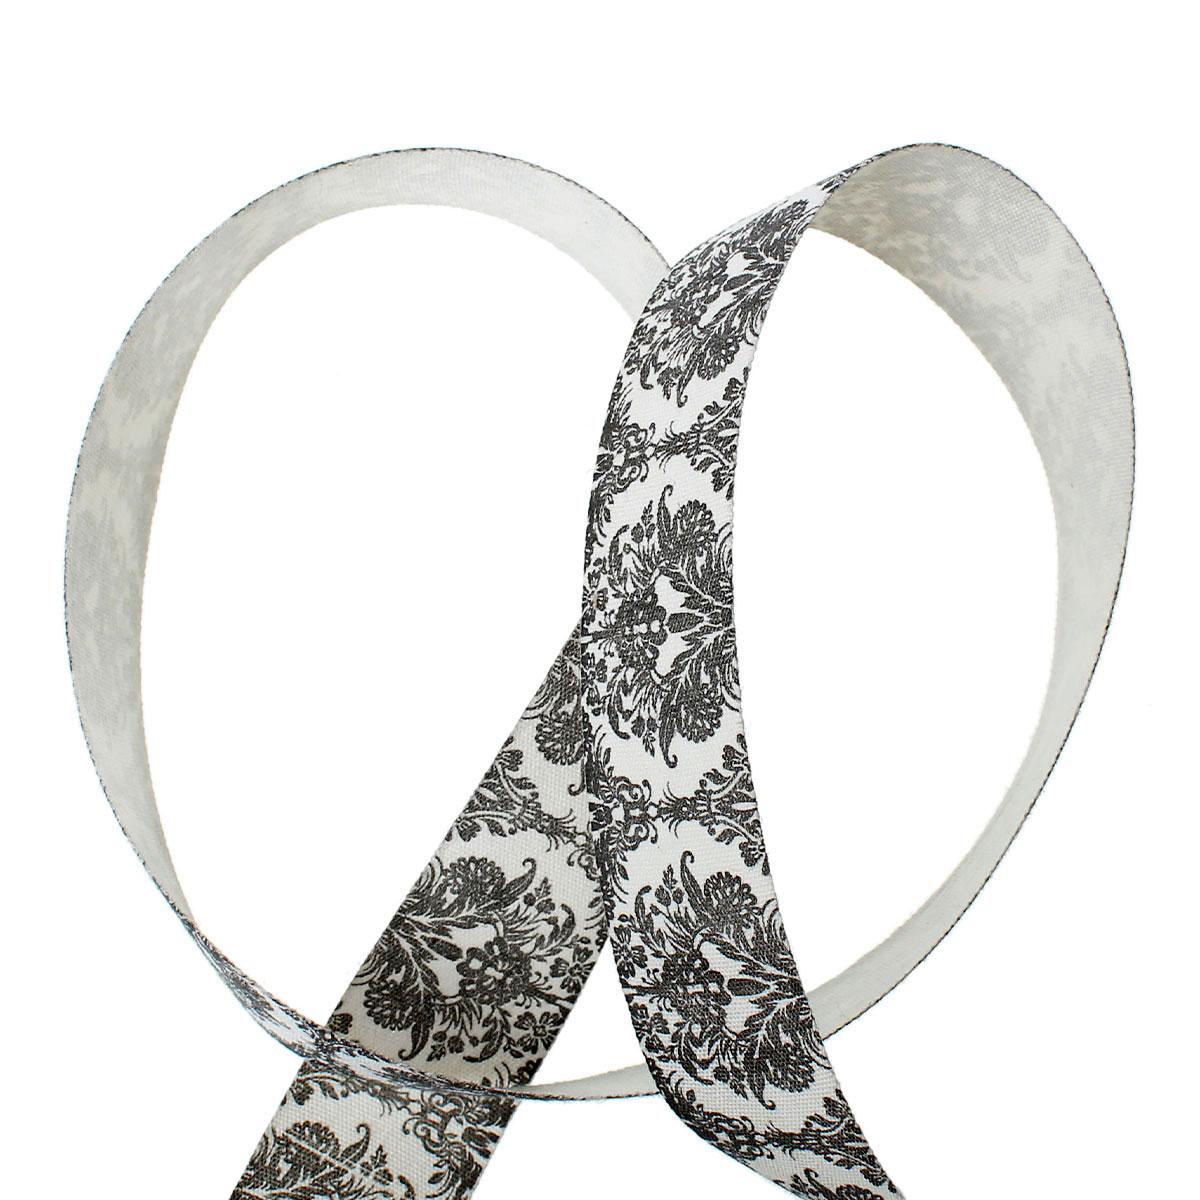 ∞Doreenbeads algodón Telas Costura cinta de etiquetas artesanal DIY ...